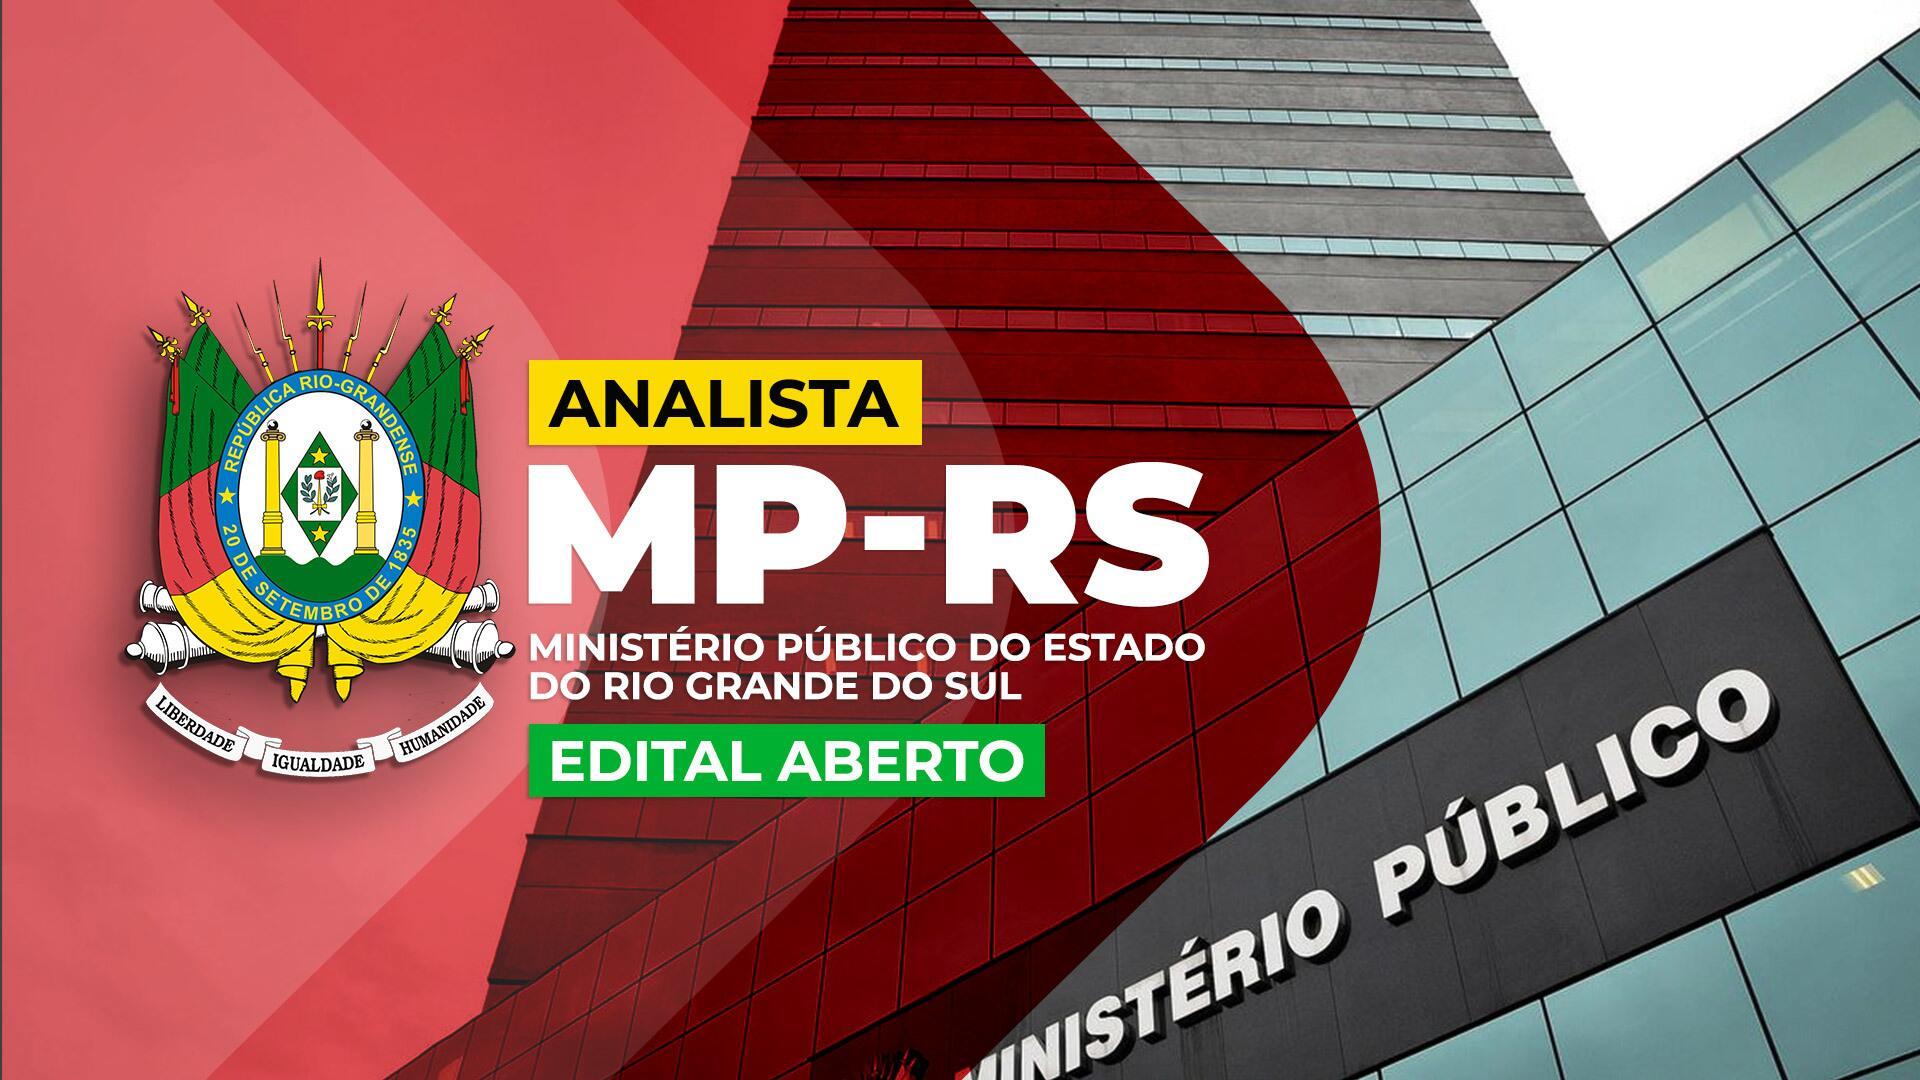 MP RS - Analista do Ministério Público do Rio Grande do Sul